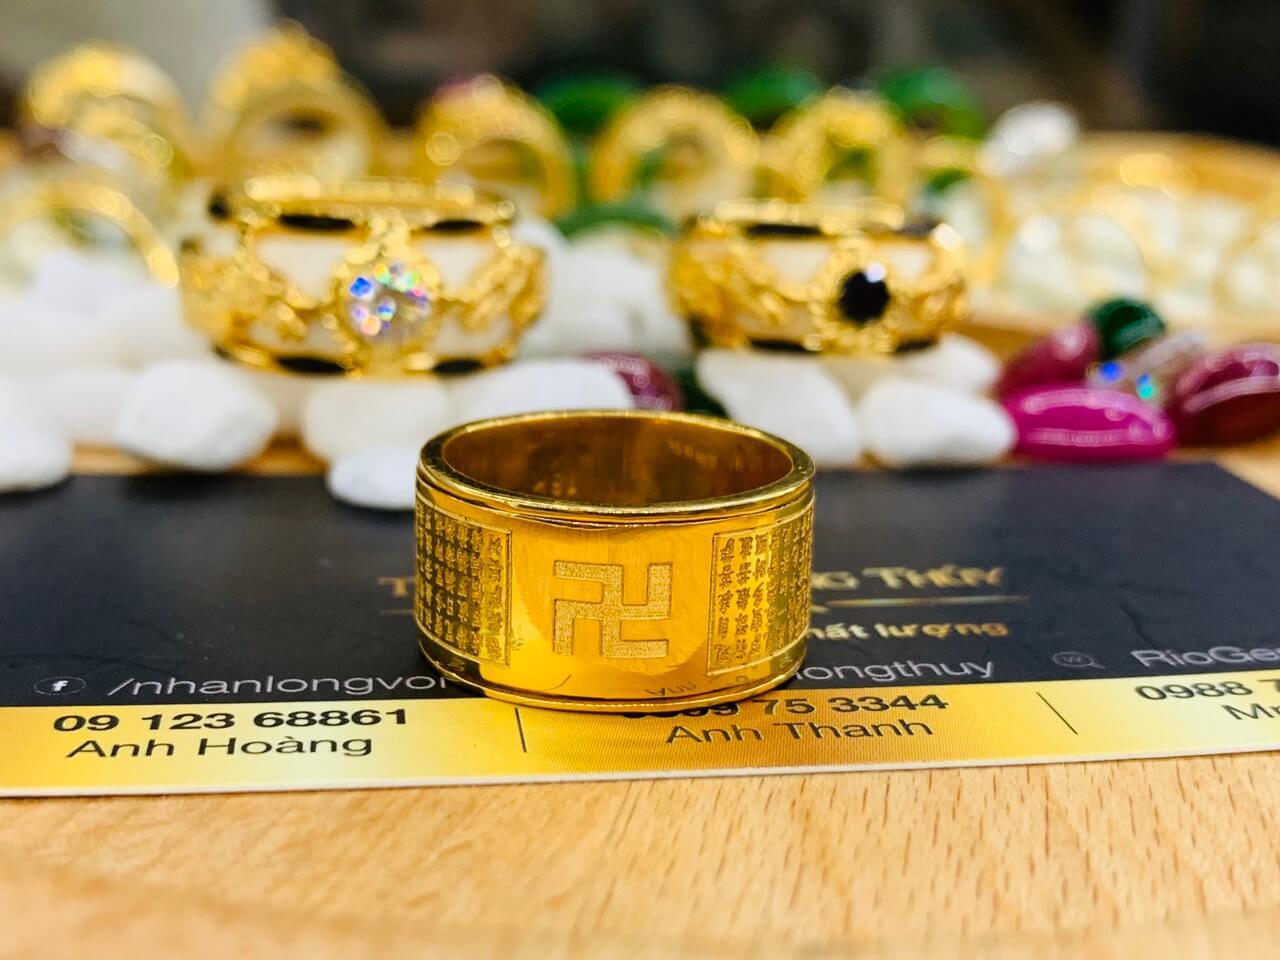 Nhẫn Bát Nhã Tâm Kinh vàng 75 được chạm khắc tinh tế mang lại thịnh vận, bình an, may mắn